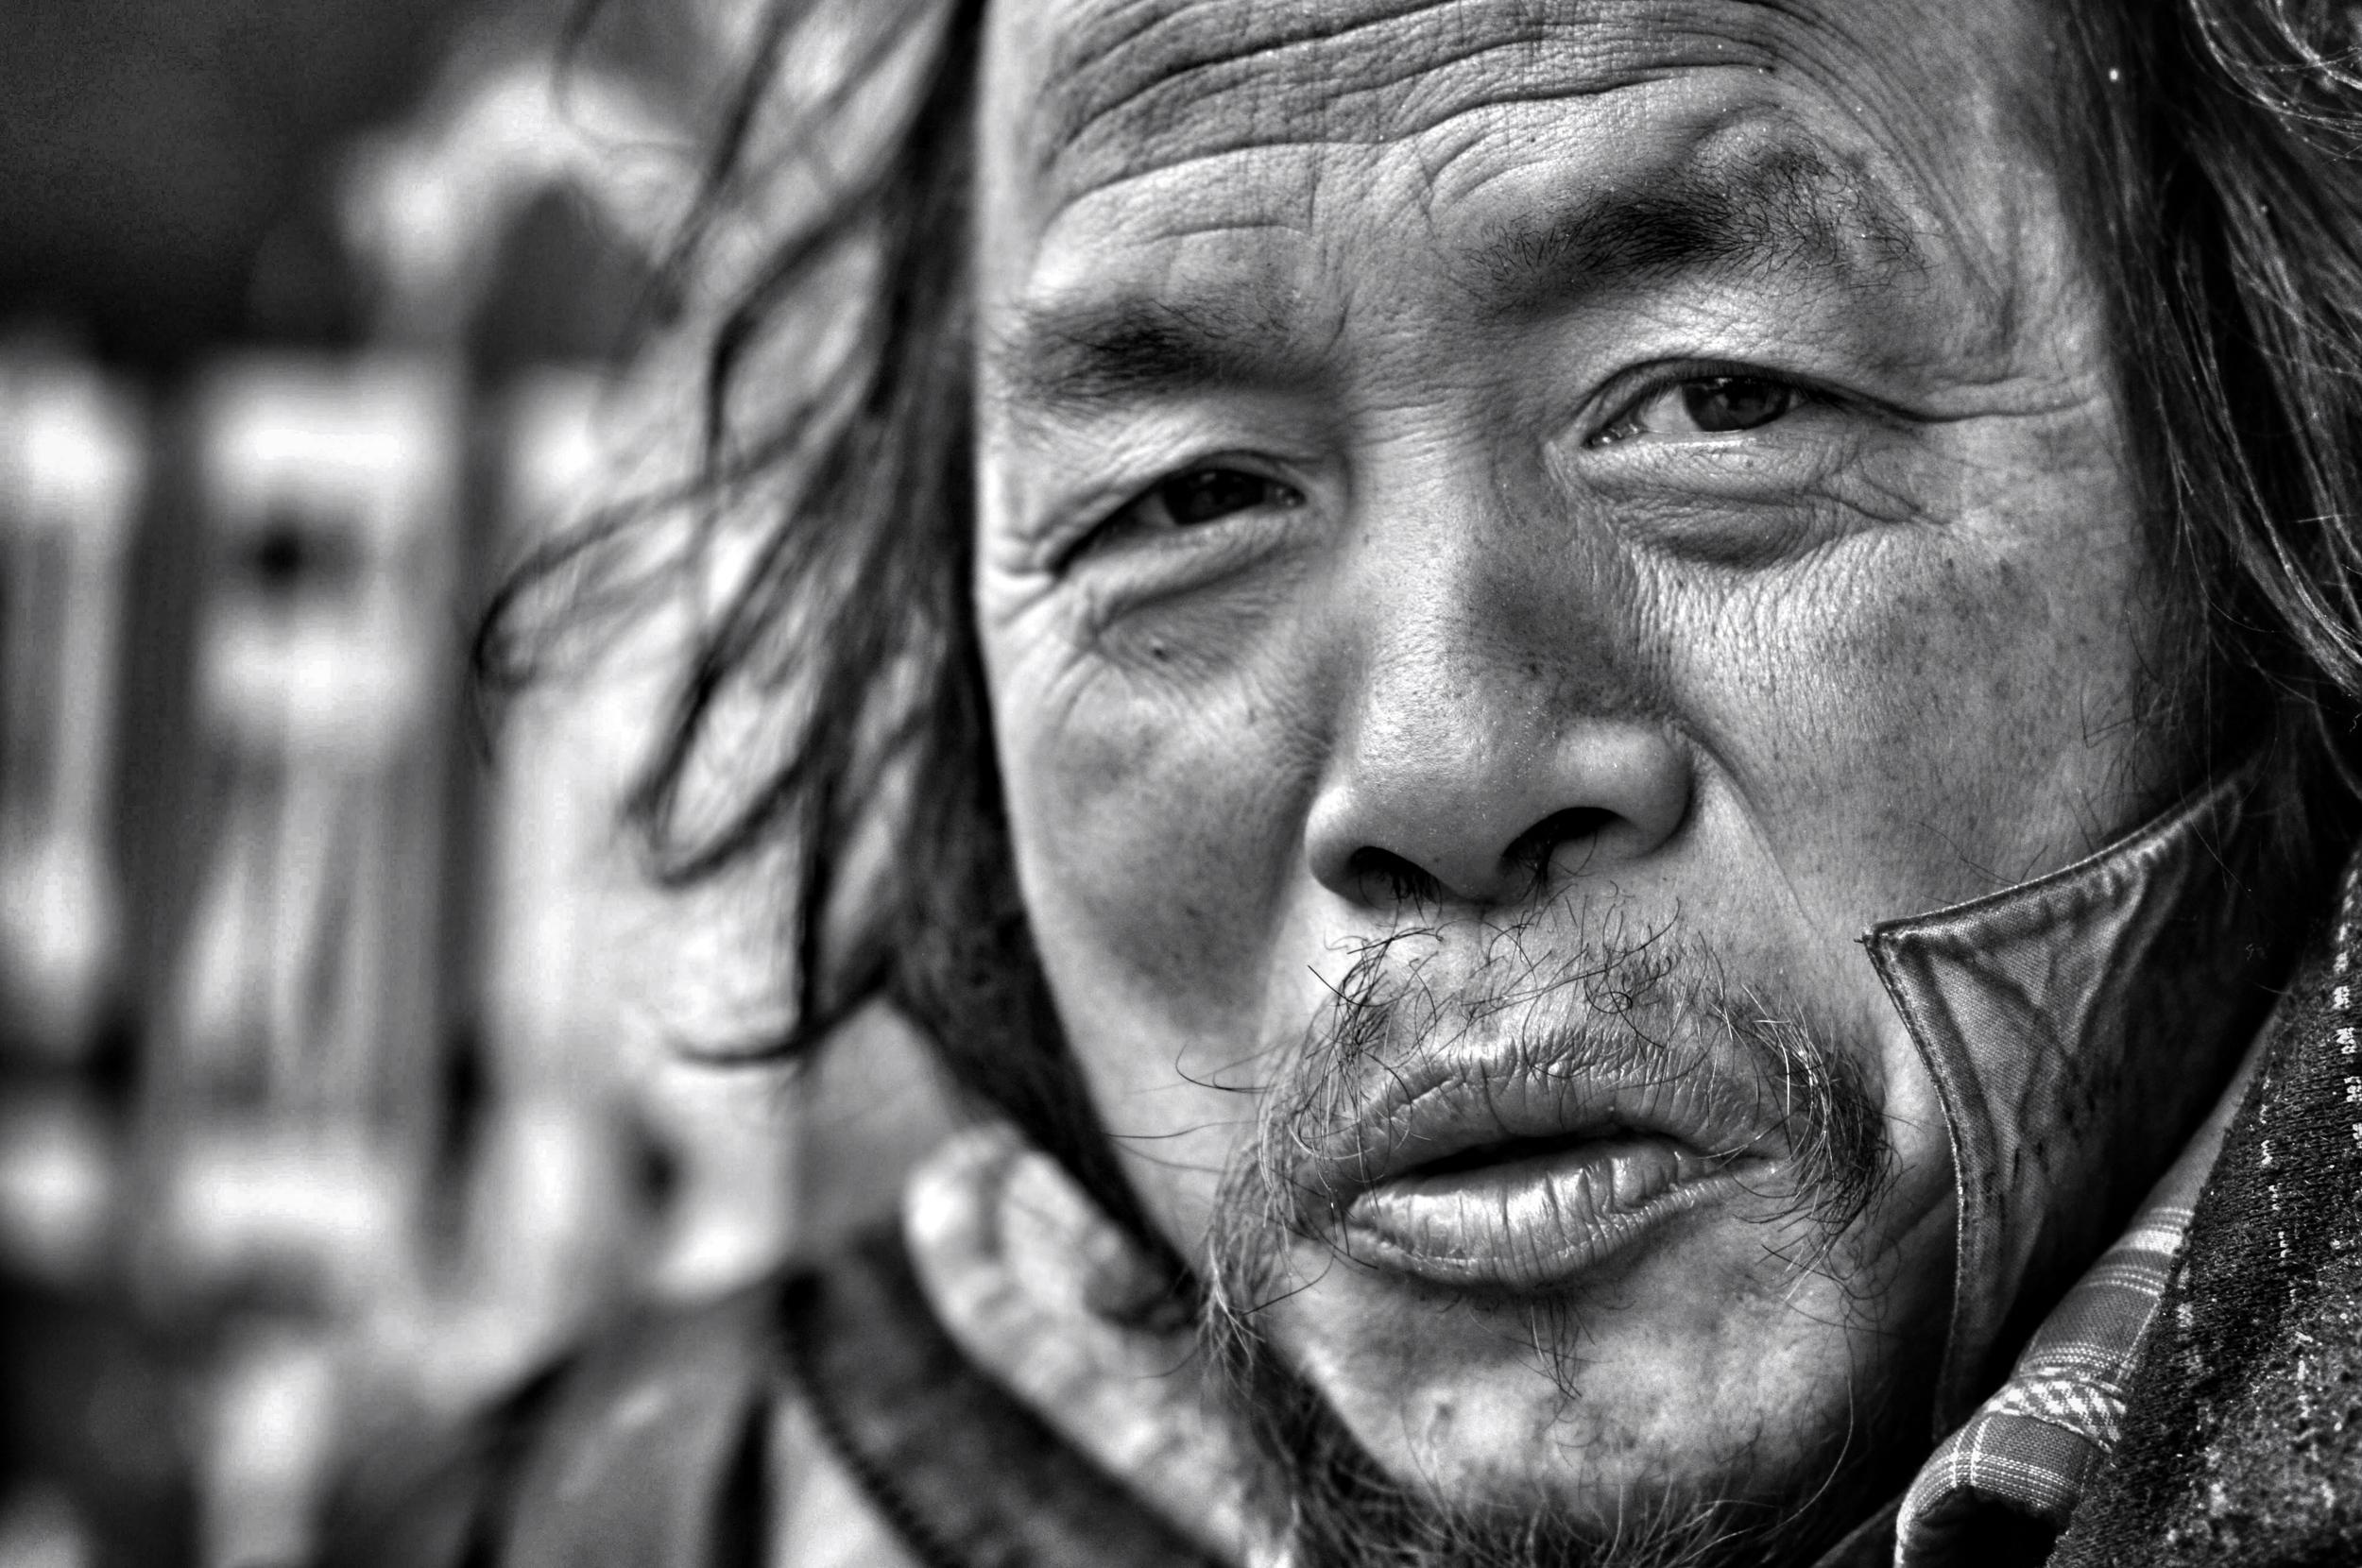 homeless man, han zheng, wuhan